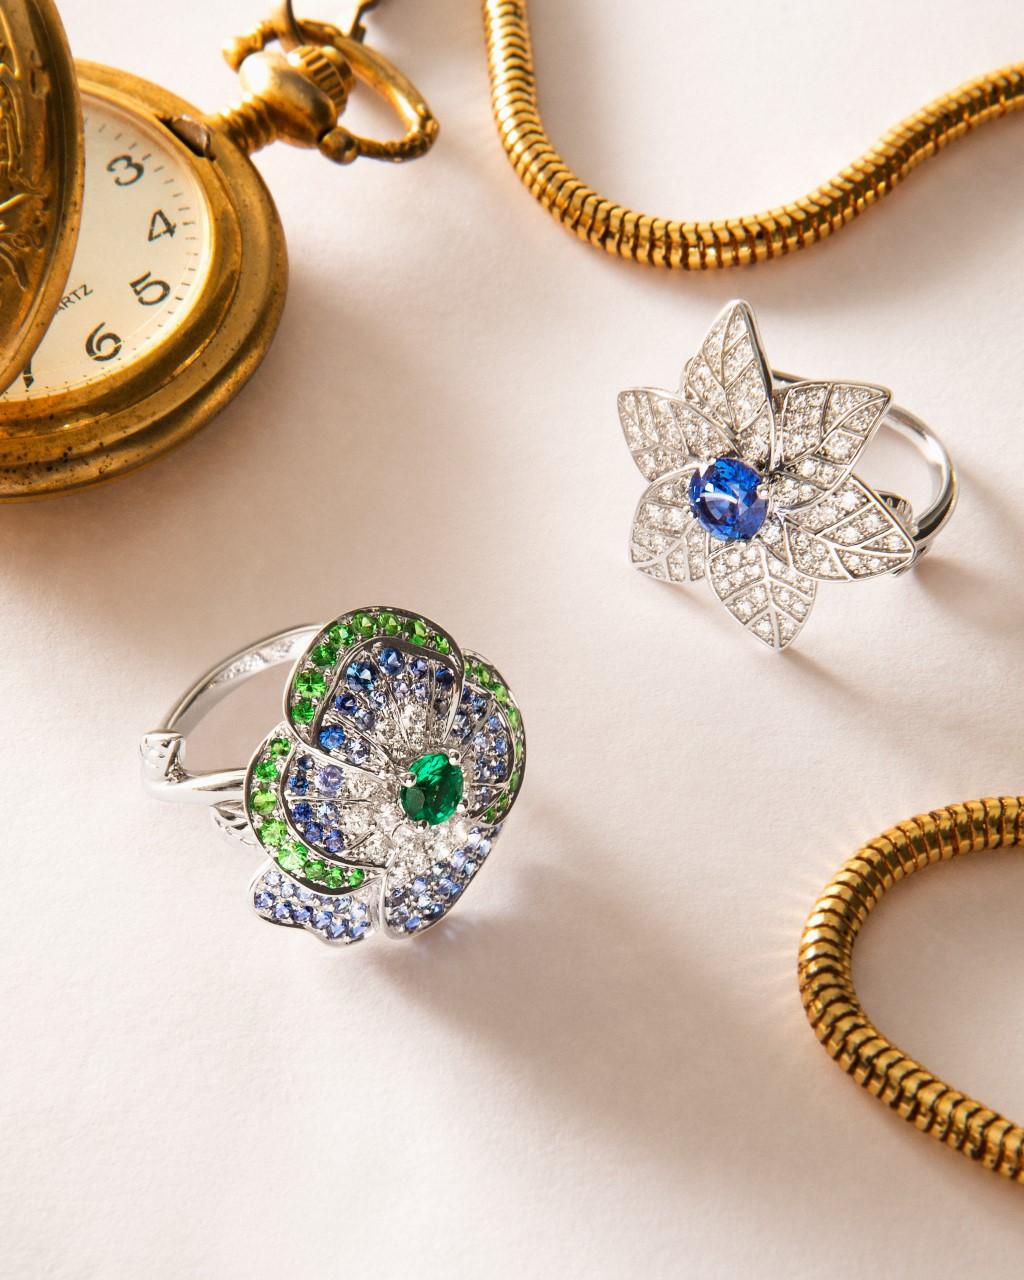 Algunas de las joyas de la colección / Foto: Suarez